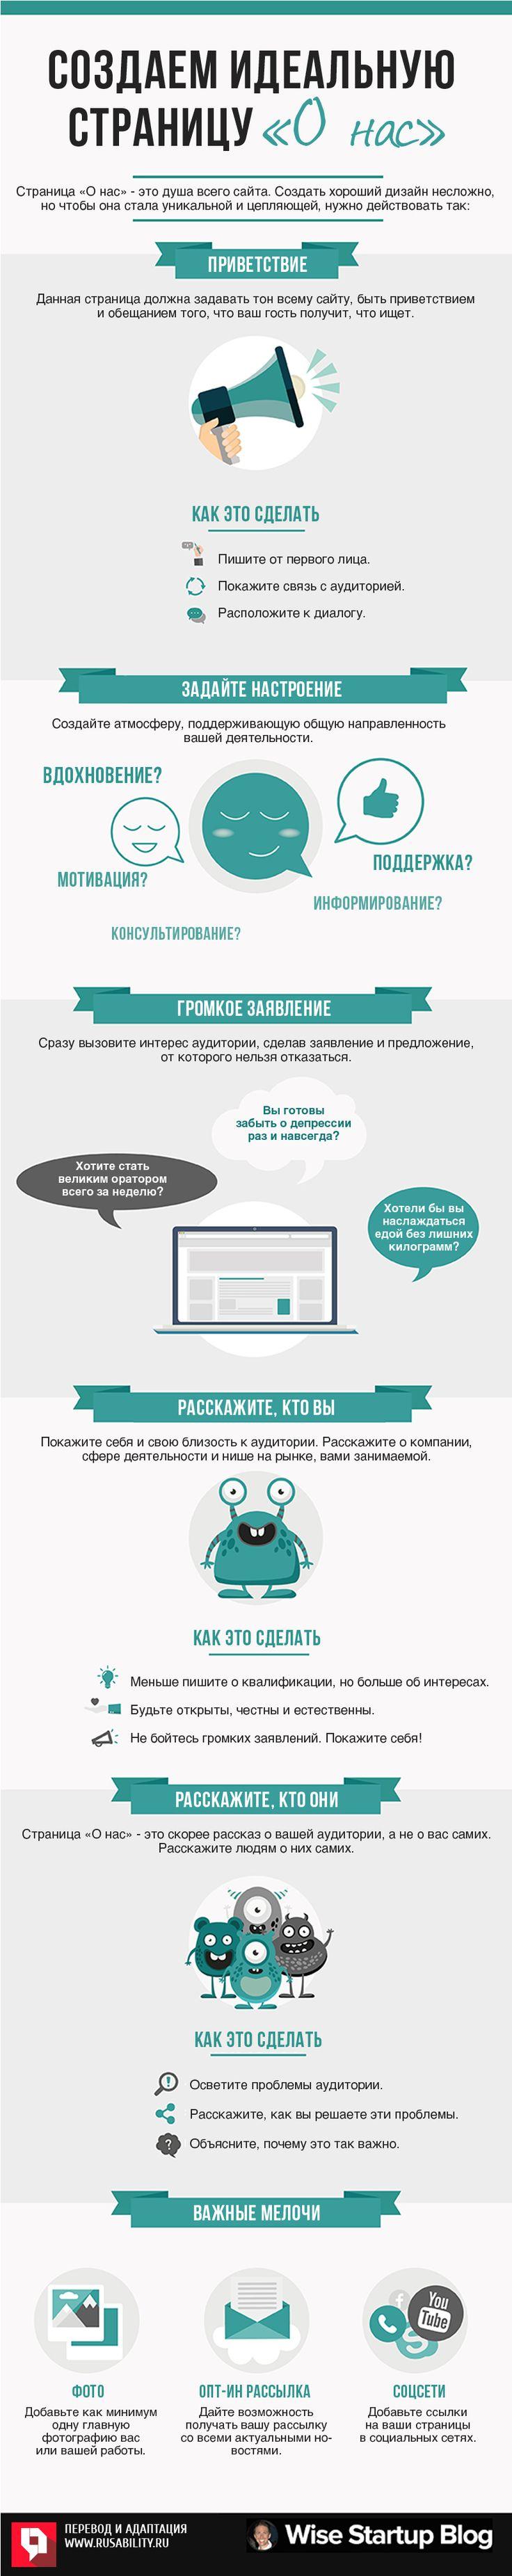 """страница """"о нас"""", дизайн, юзабилити smm2you.wordpress.com"""